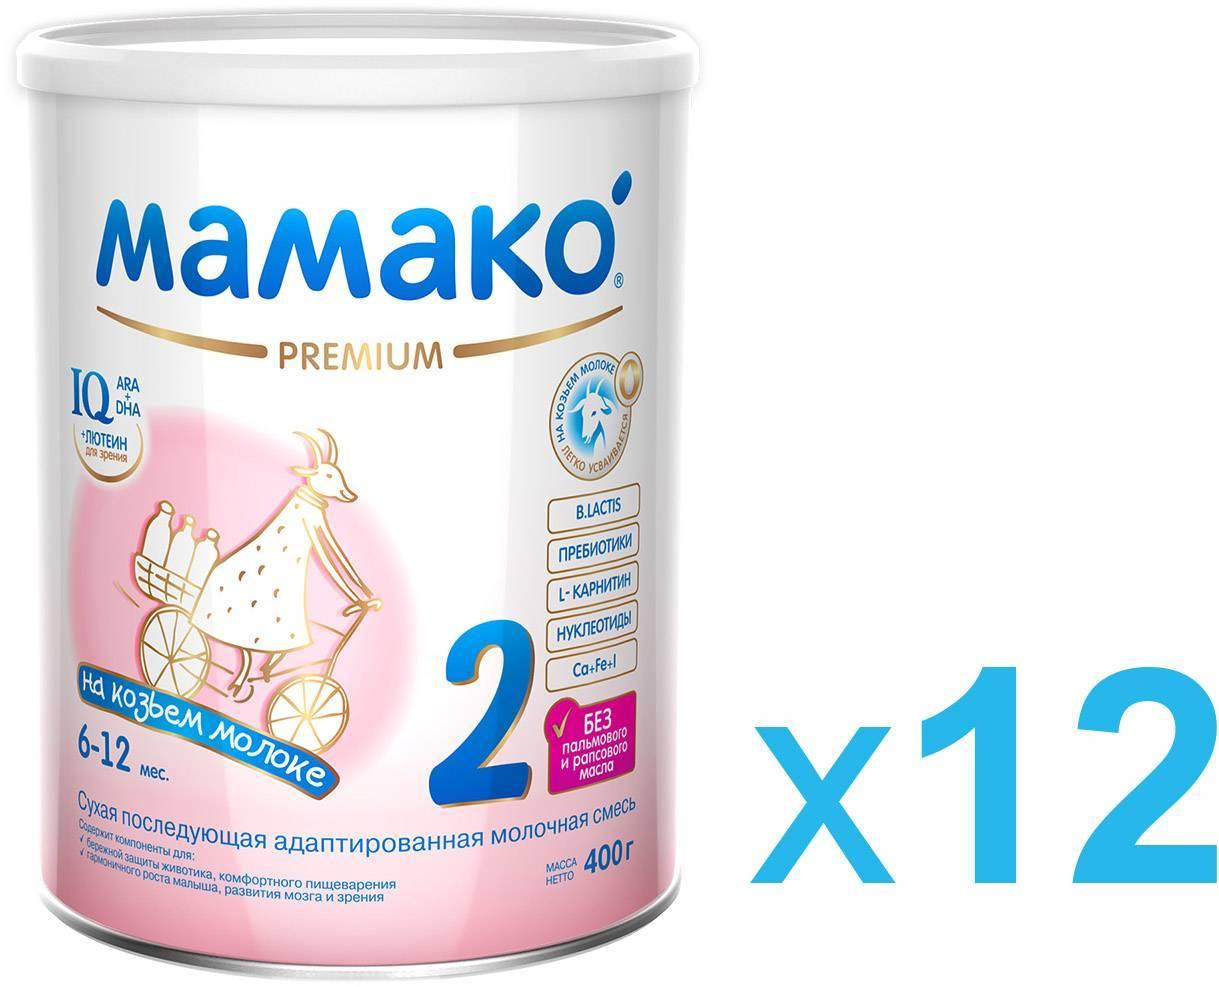 Смеси на козьем молоке отличия от стандартных